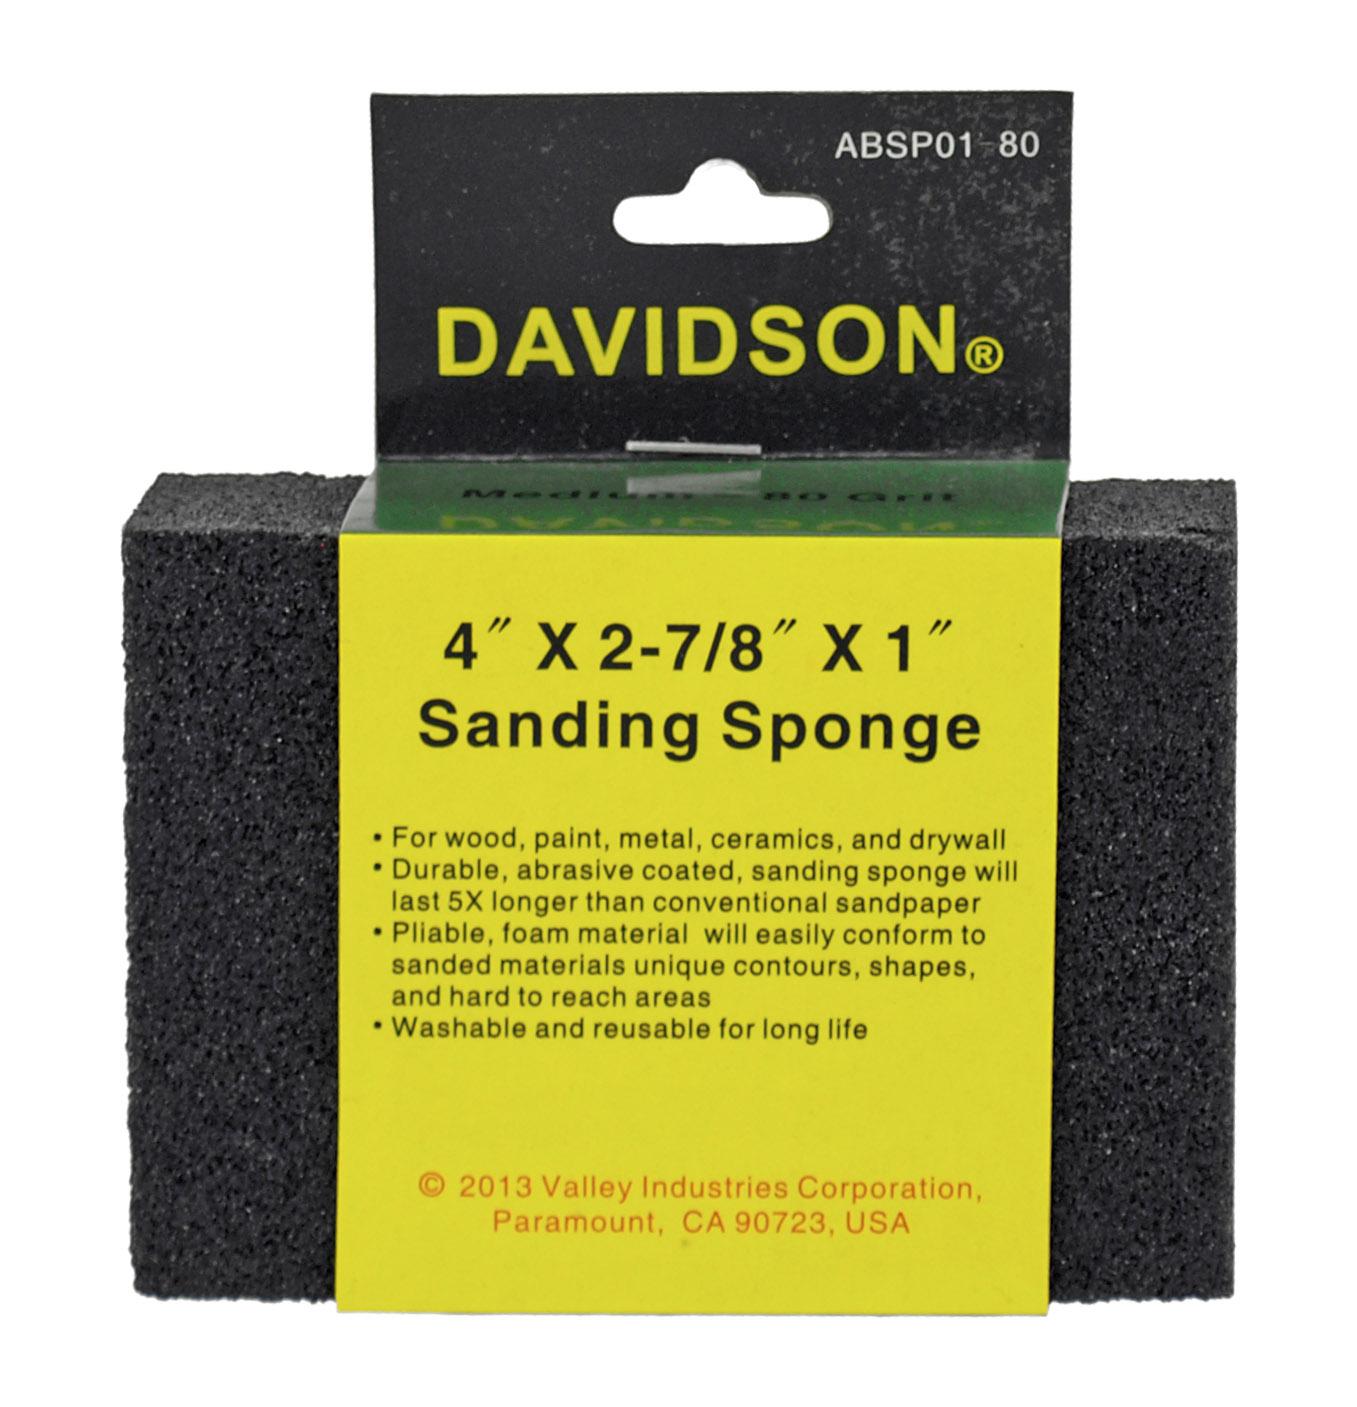 80 Grit 4 in x 2.88 in x 1 in Sanding Sponge - Davidson